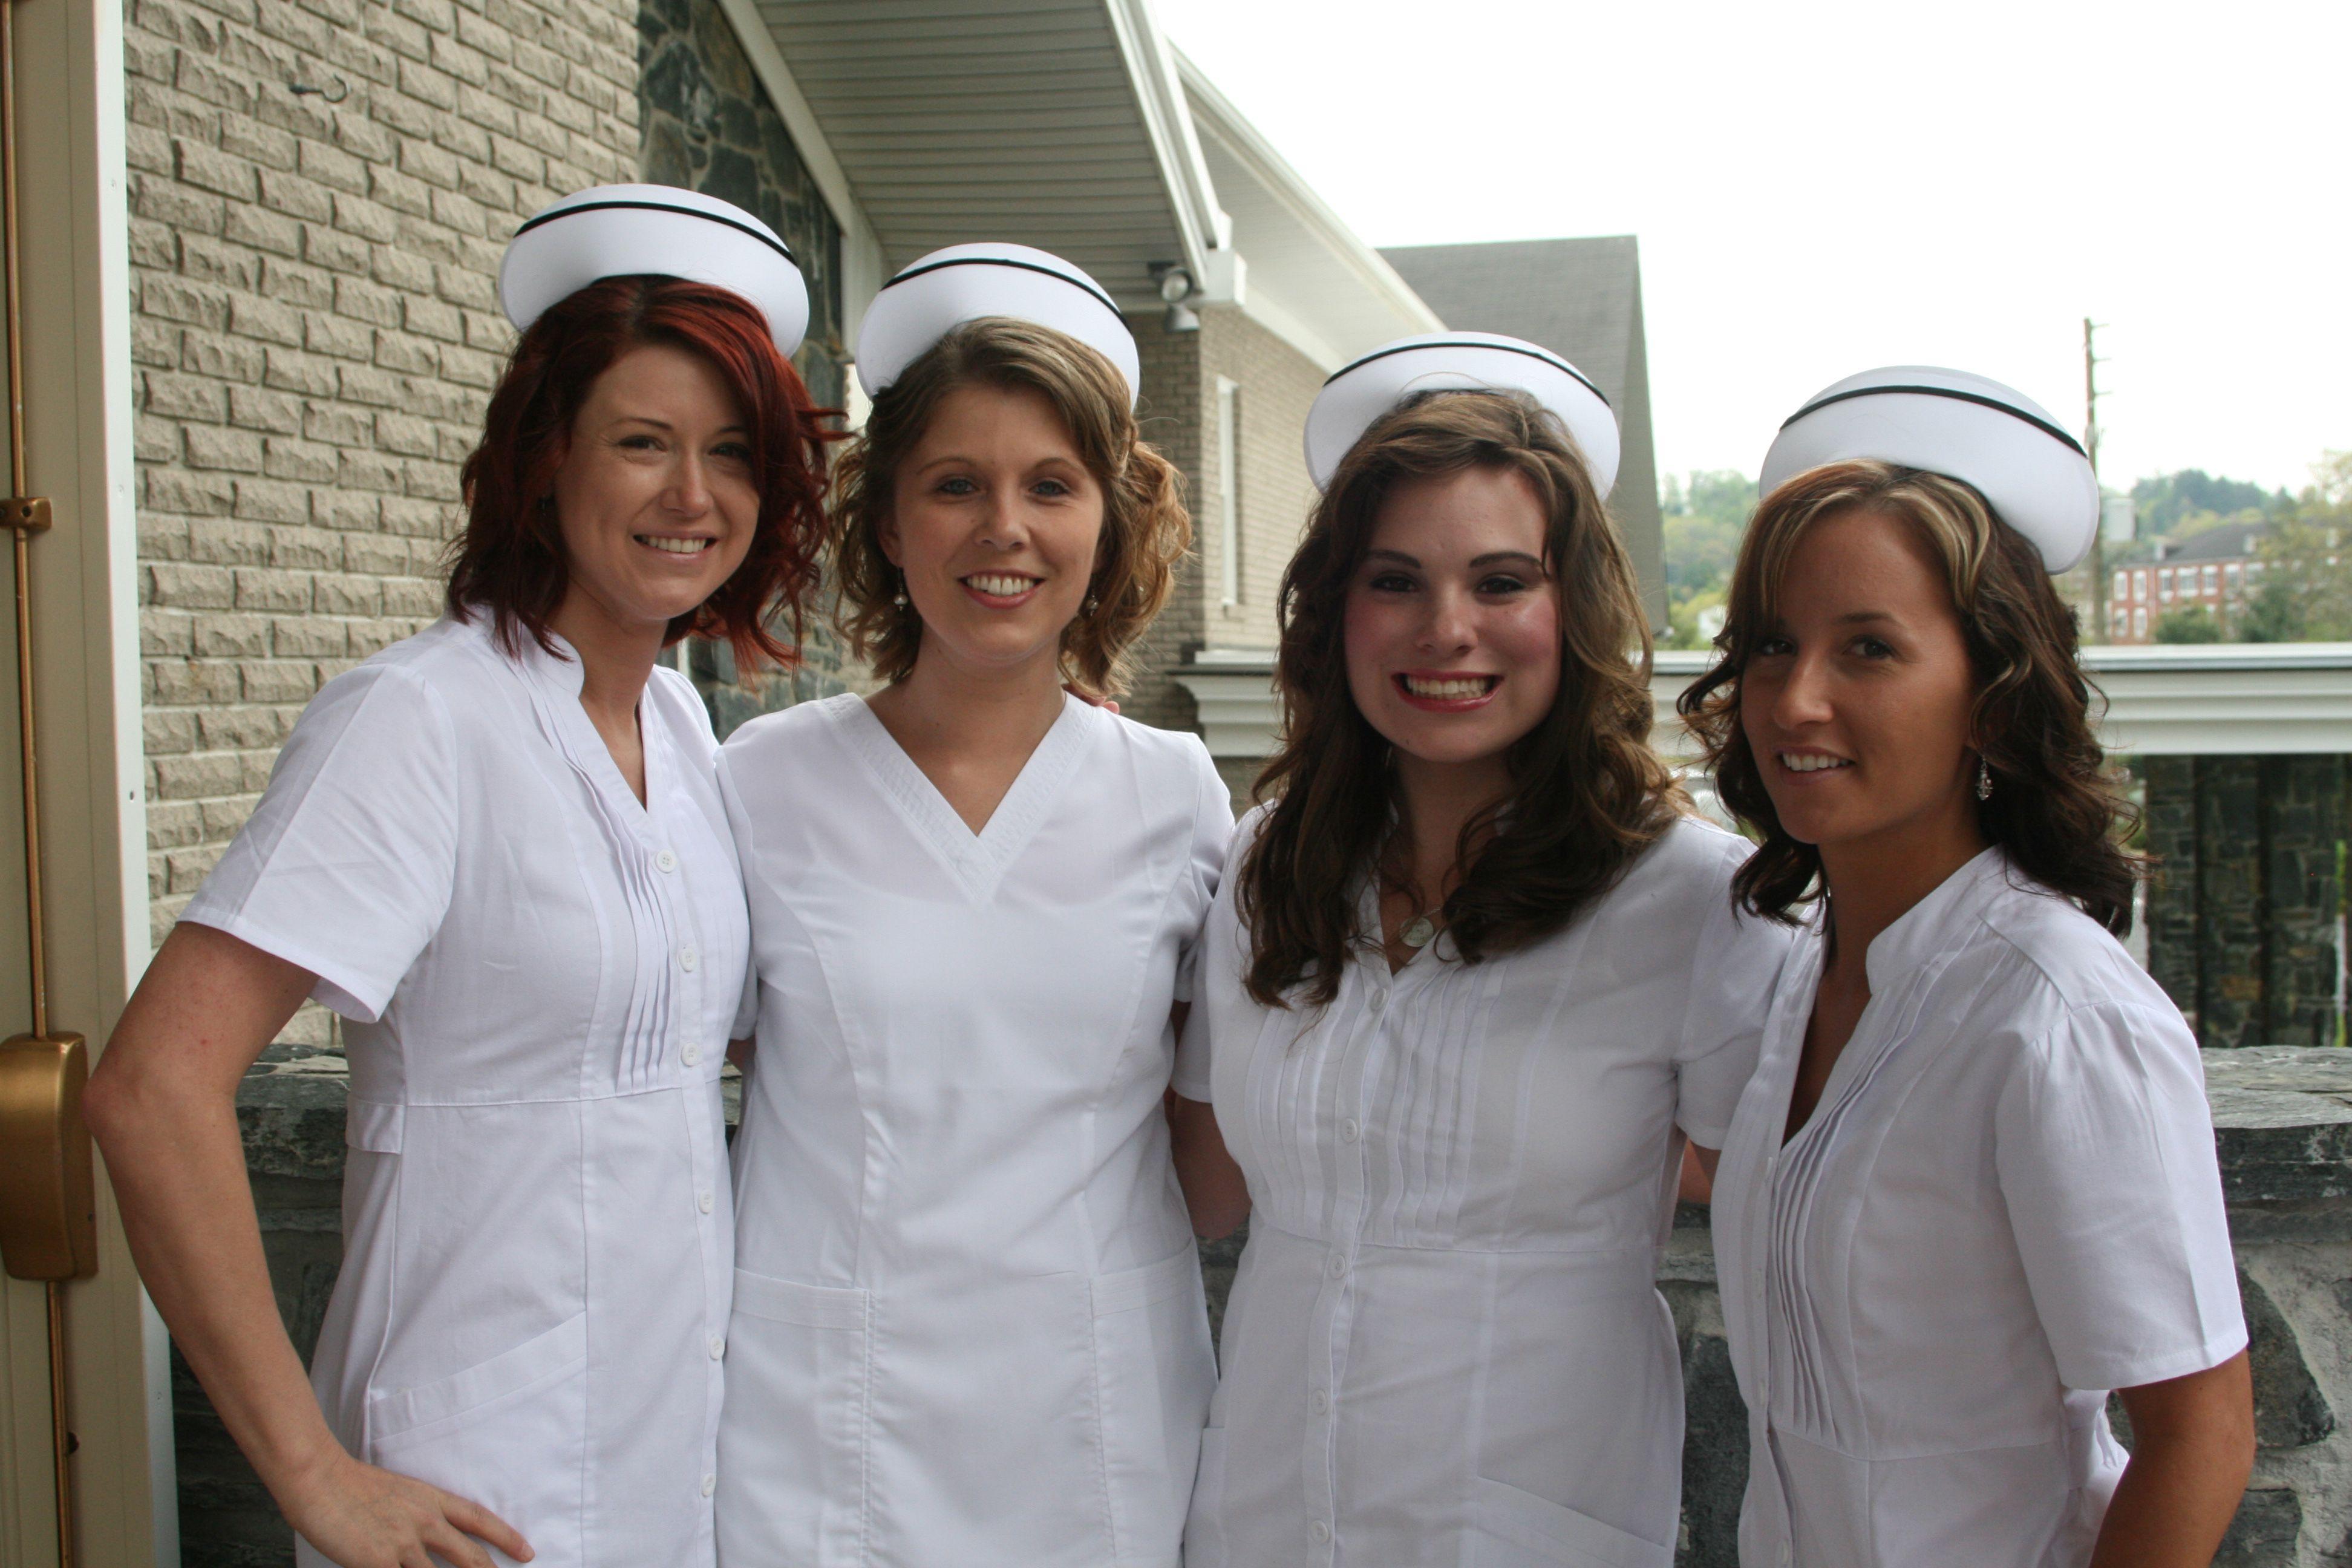 Registered Nurse Graduation Pins - RN Pinning Ceremony for ...  |Nursing Graduation Pins